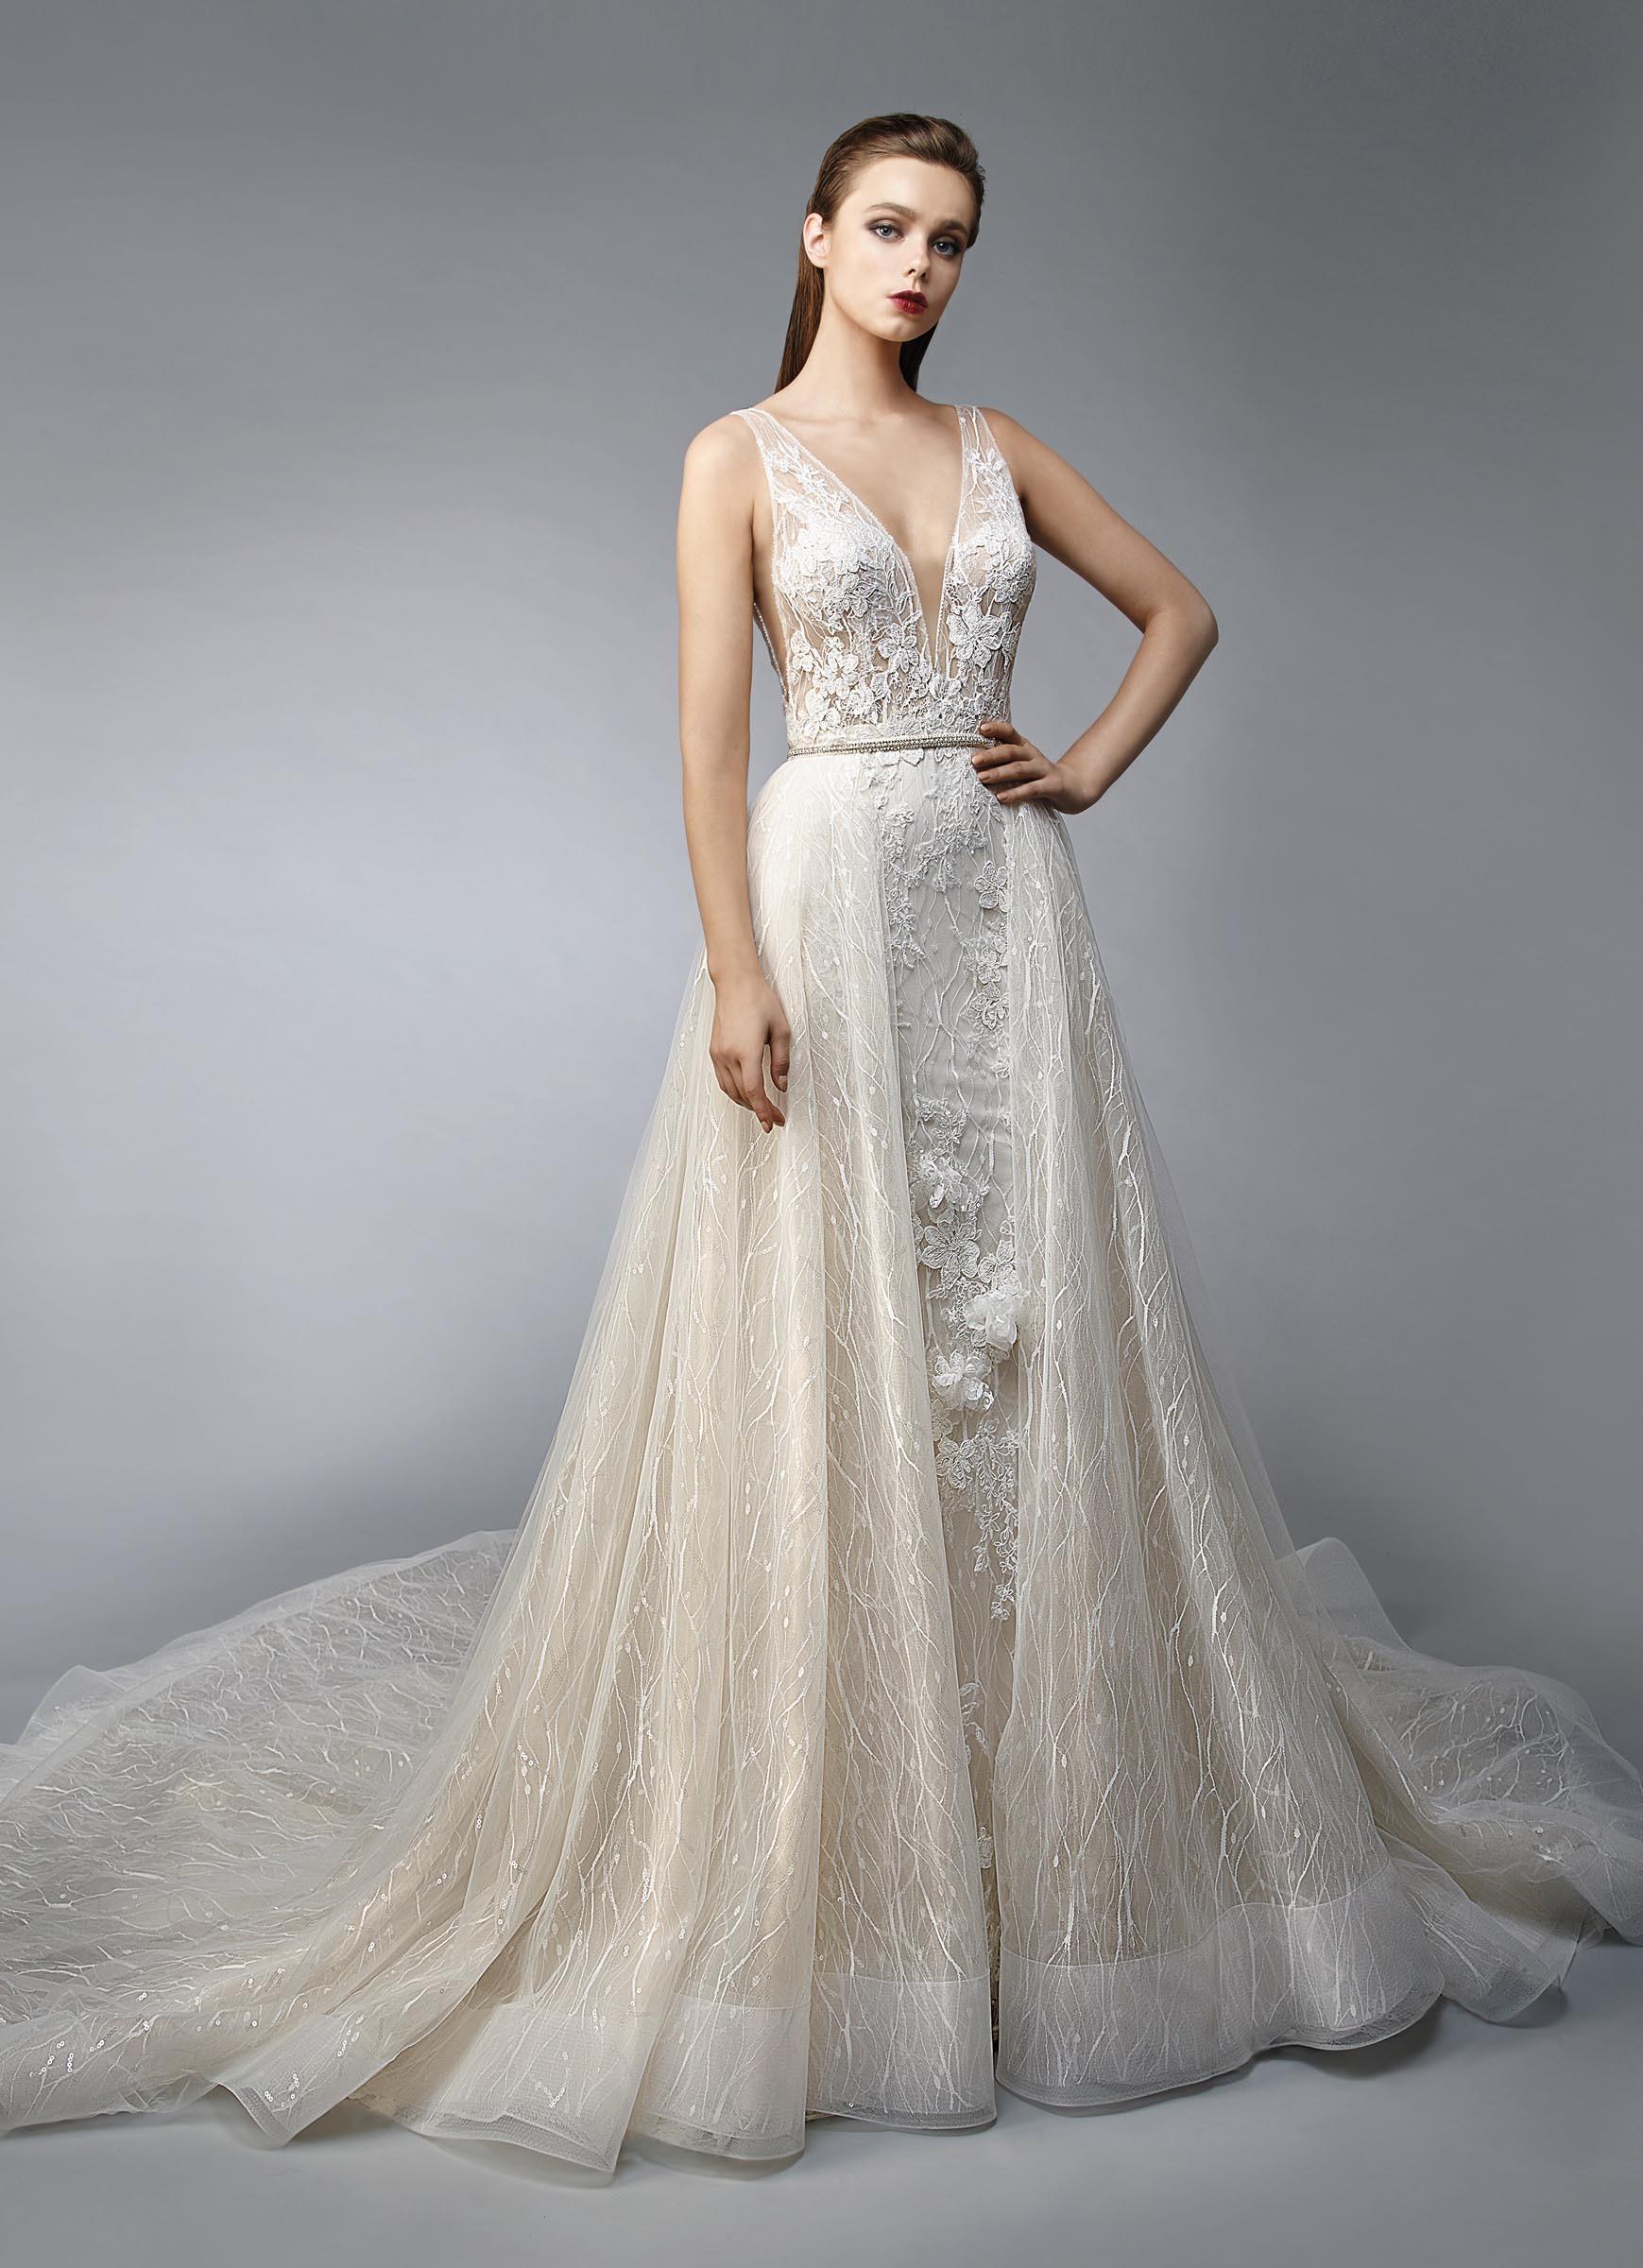 Wandelbares Brautkleid im Fit-and-Flare-Schnitt mit Spitze